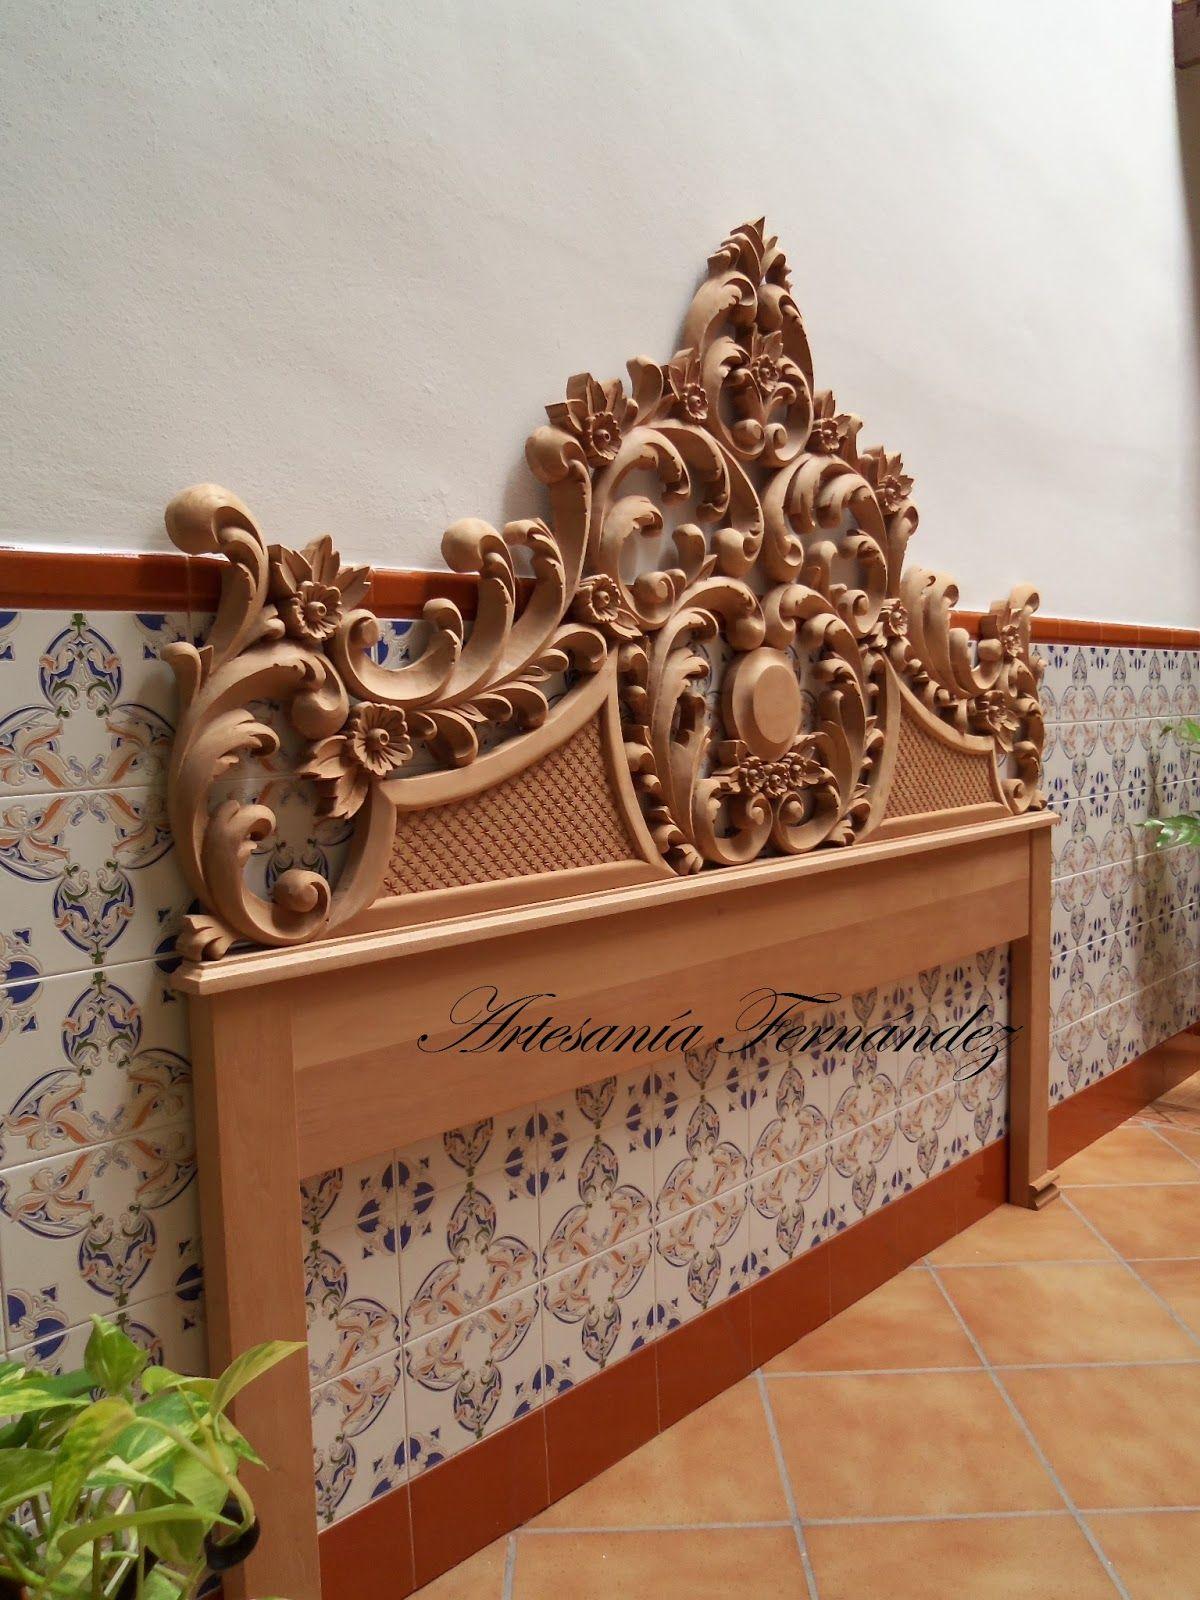 El Cabecero Esta Tallado En Madera De Cedro Real Con Unas  # Muebles Tallados A Mano